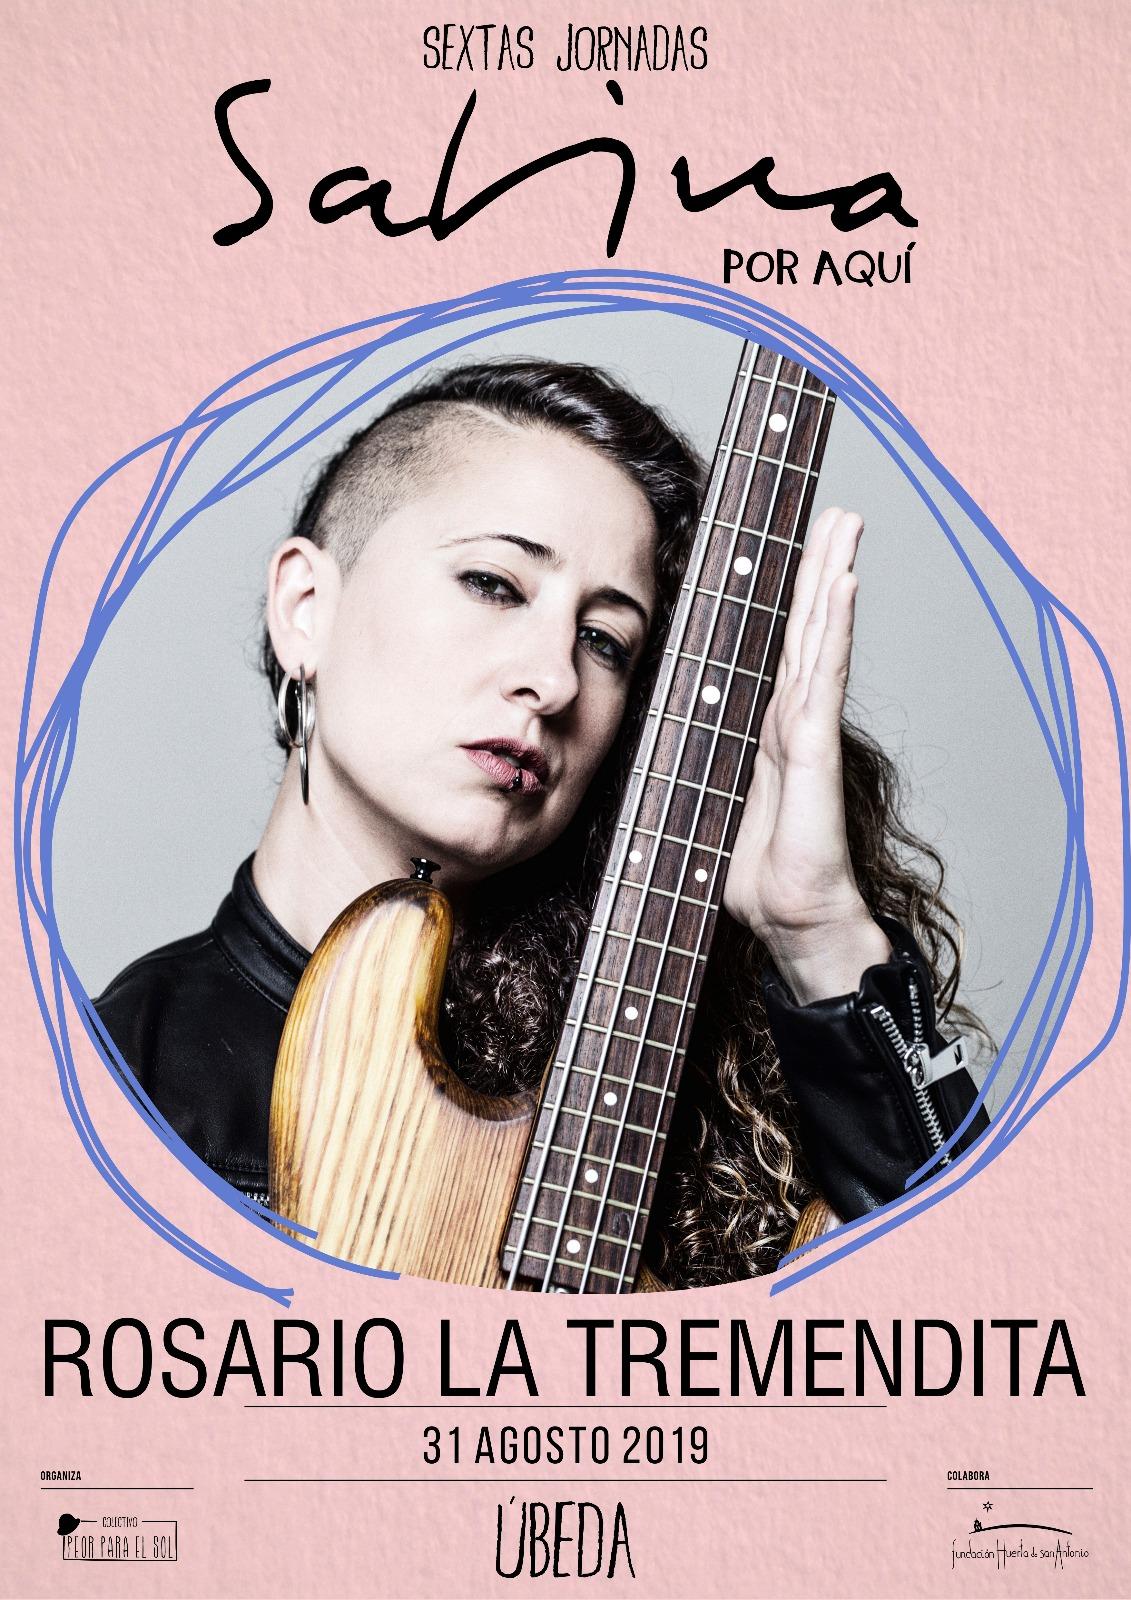 Rosario La Tremendita